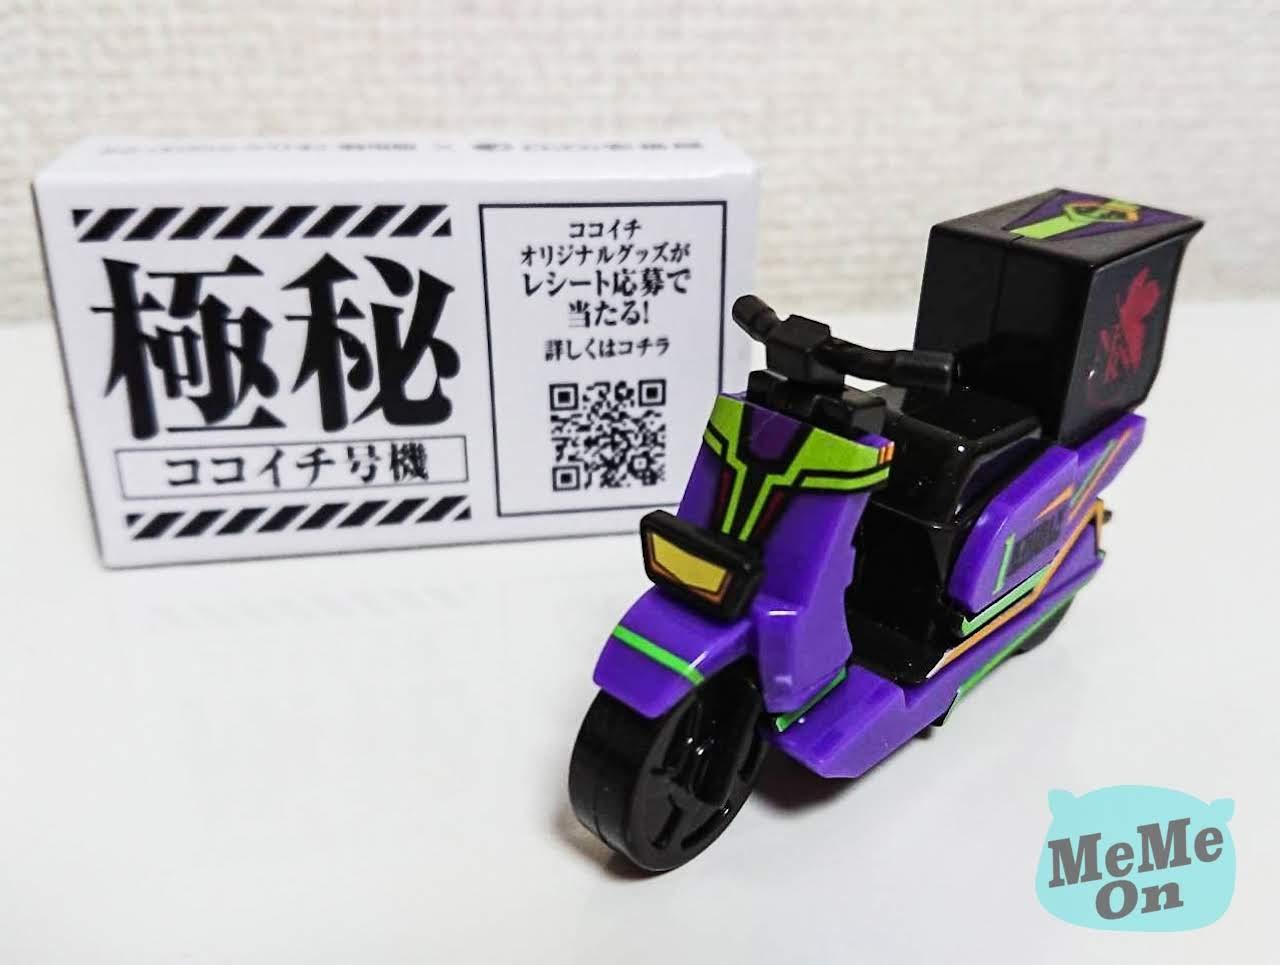 CoCo壹番屋 x 福音戰士新劇場版  吃咖哩送 EVA 外送車玩具 初號機實品開箱